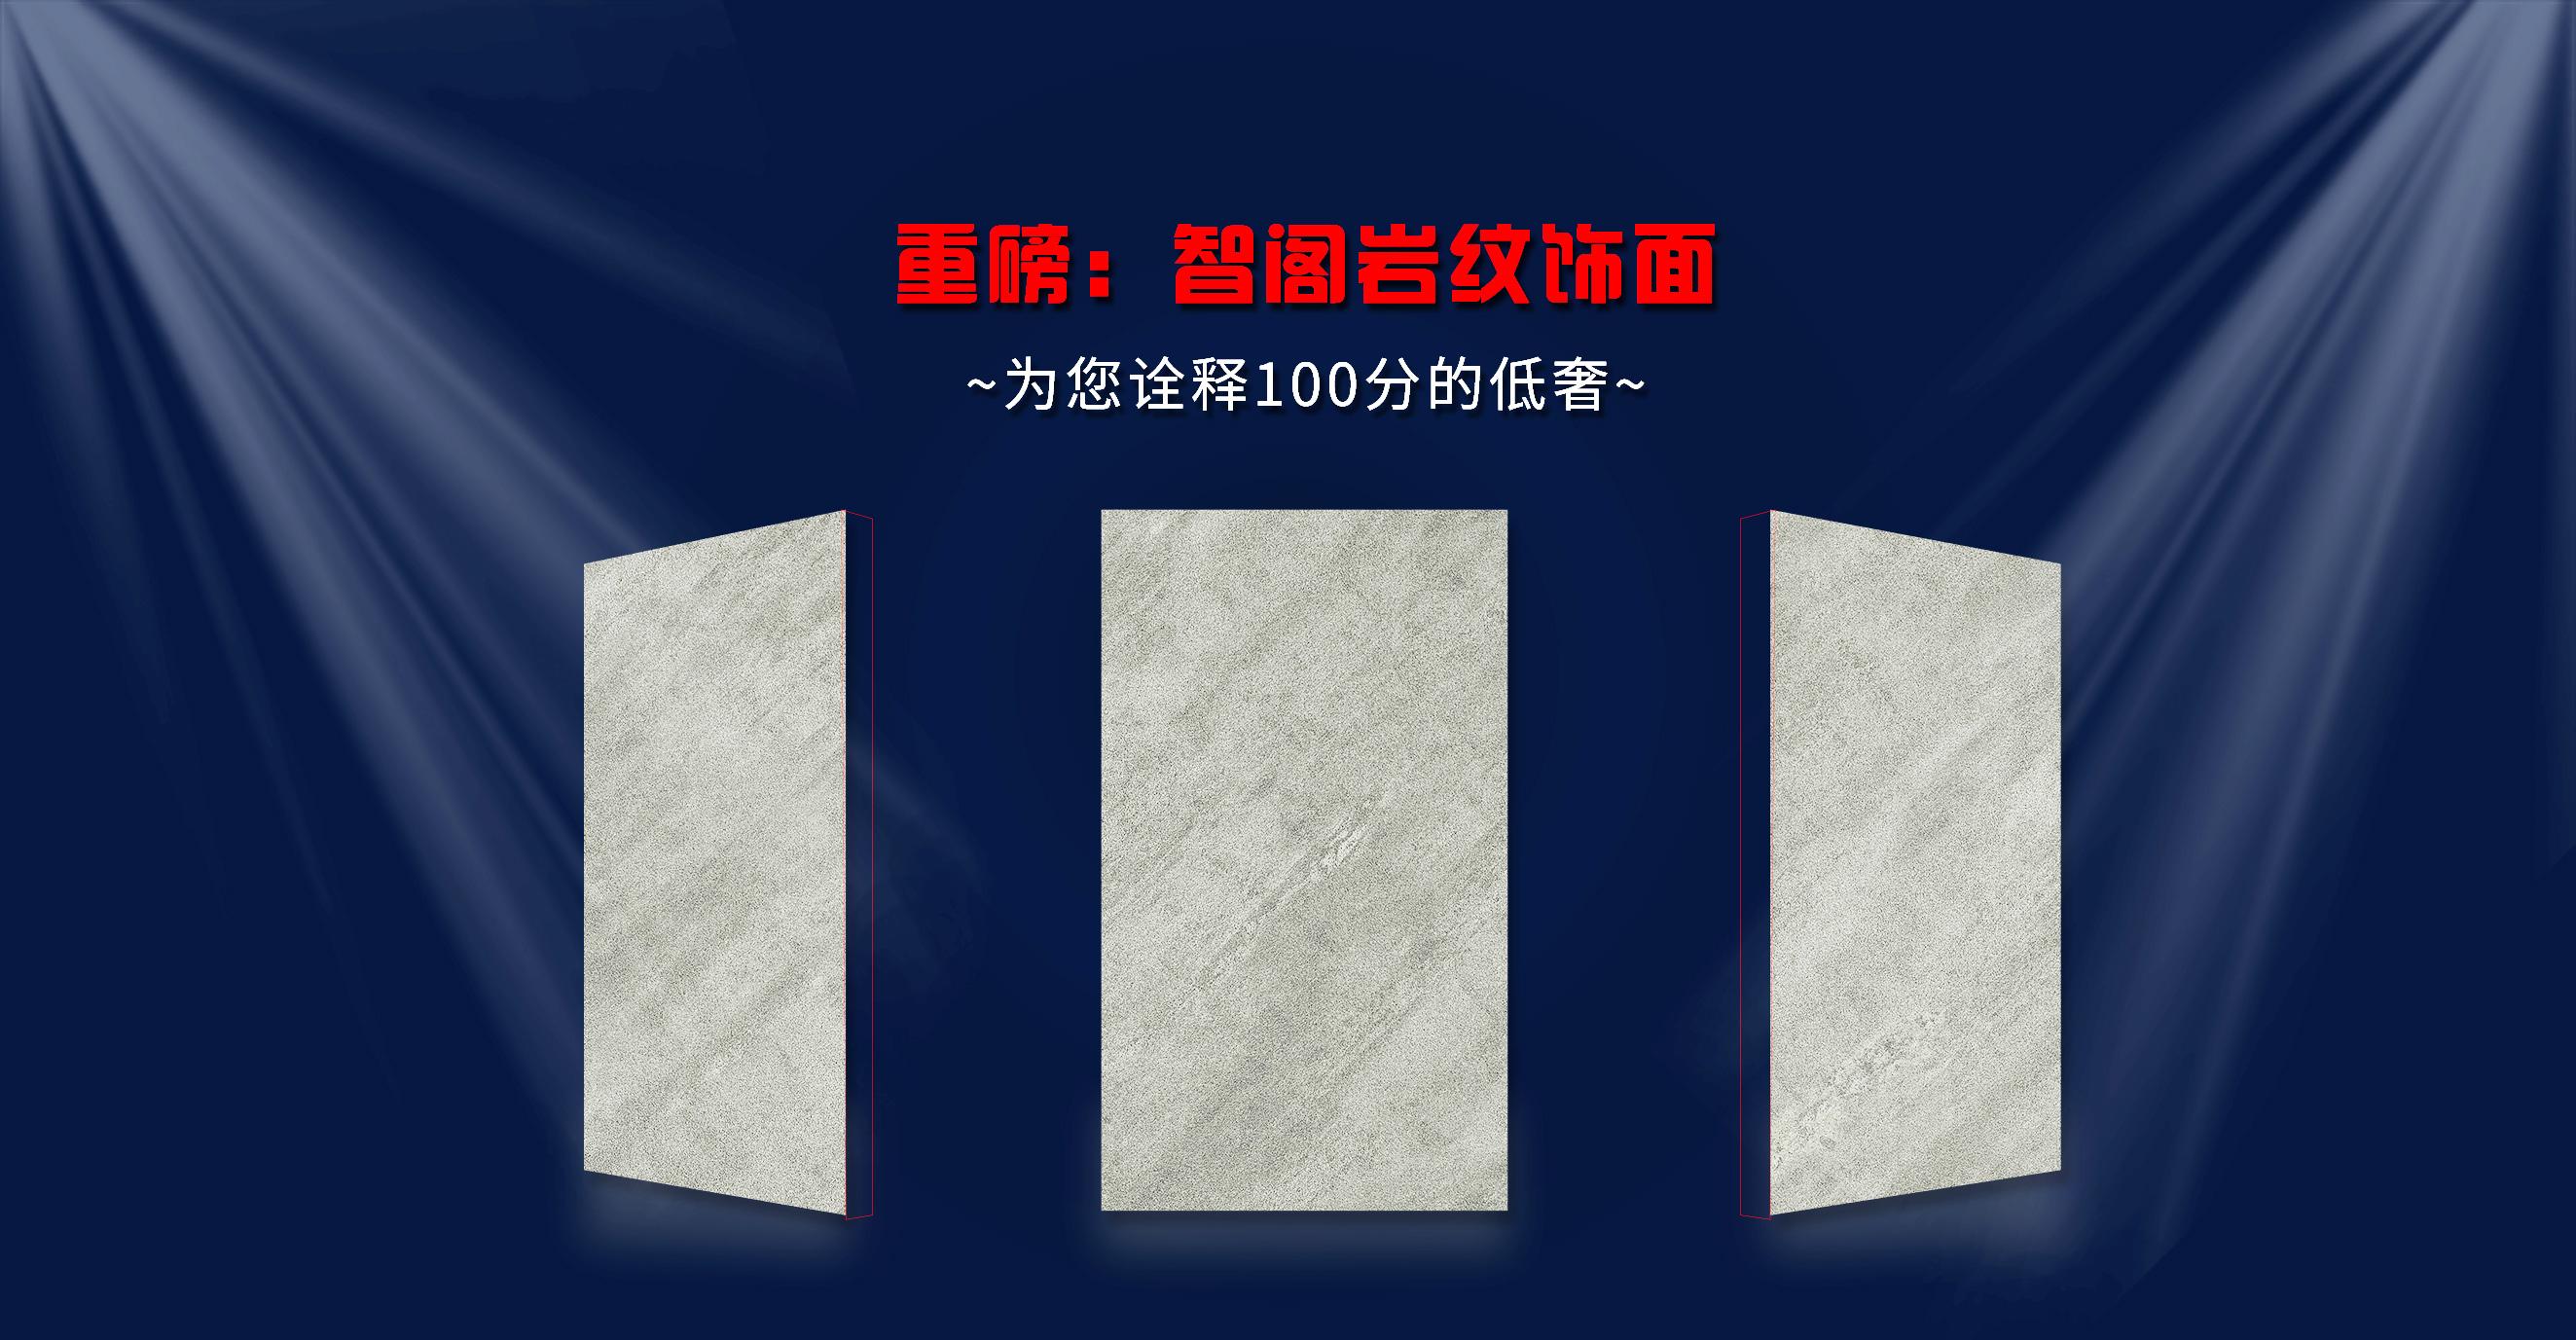 重磅:亿博官方注册岩纹饰面∣为您诠释100分的低奢